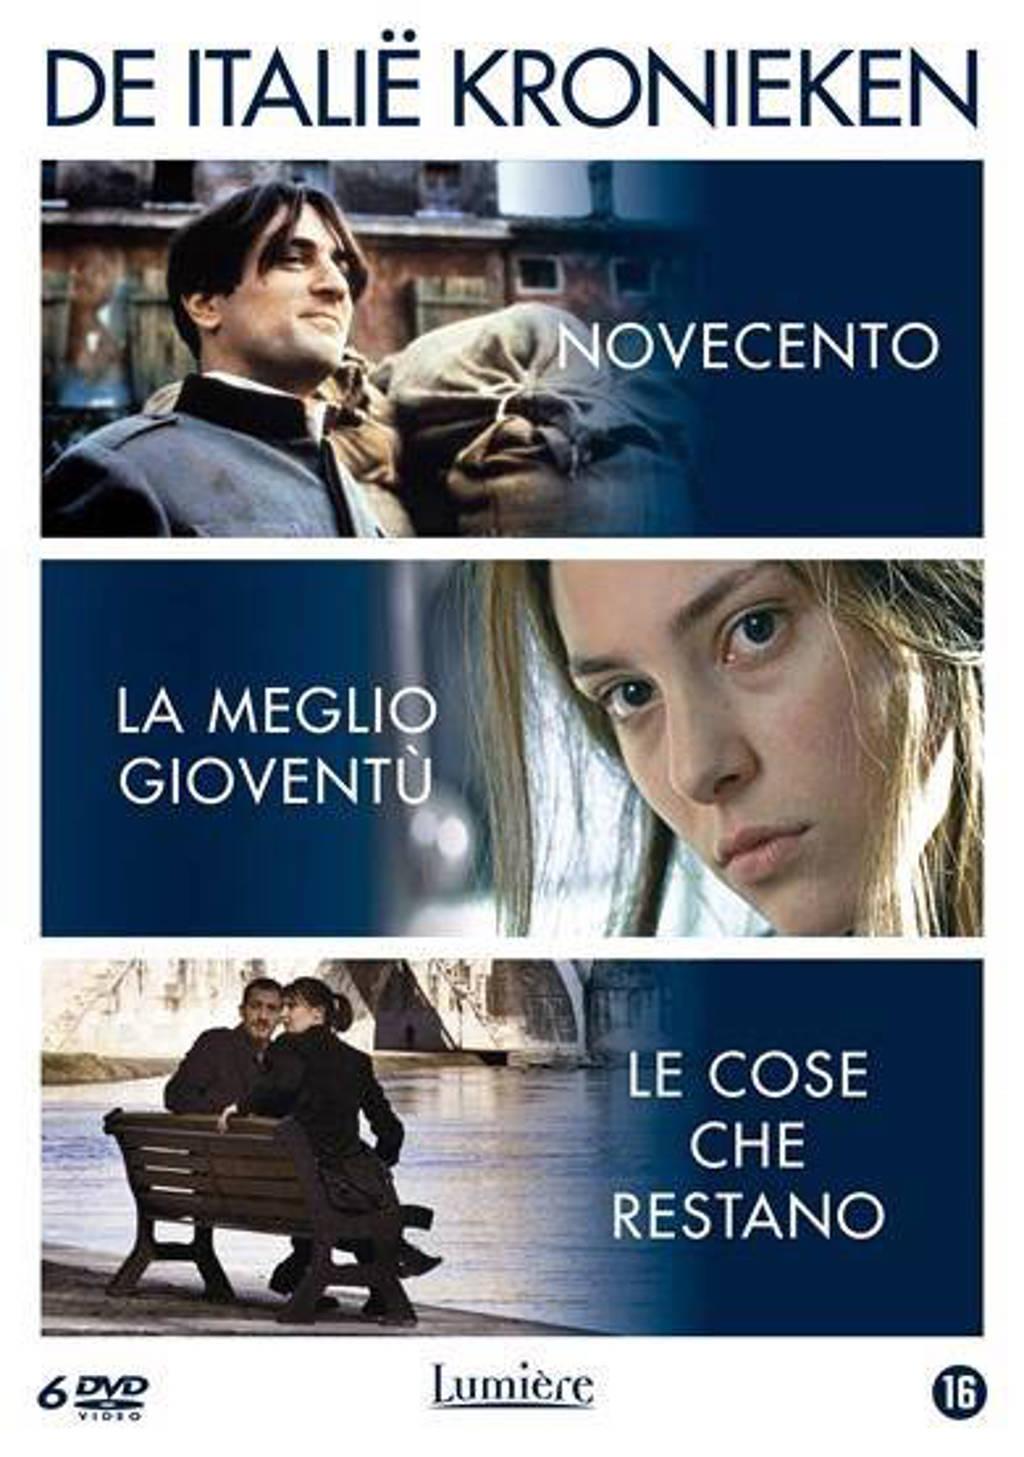 Italië kronieken (DVD)